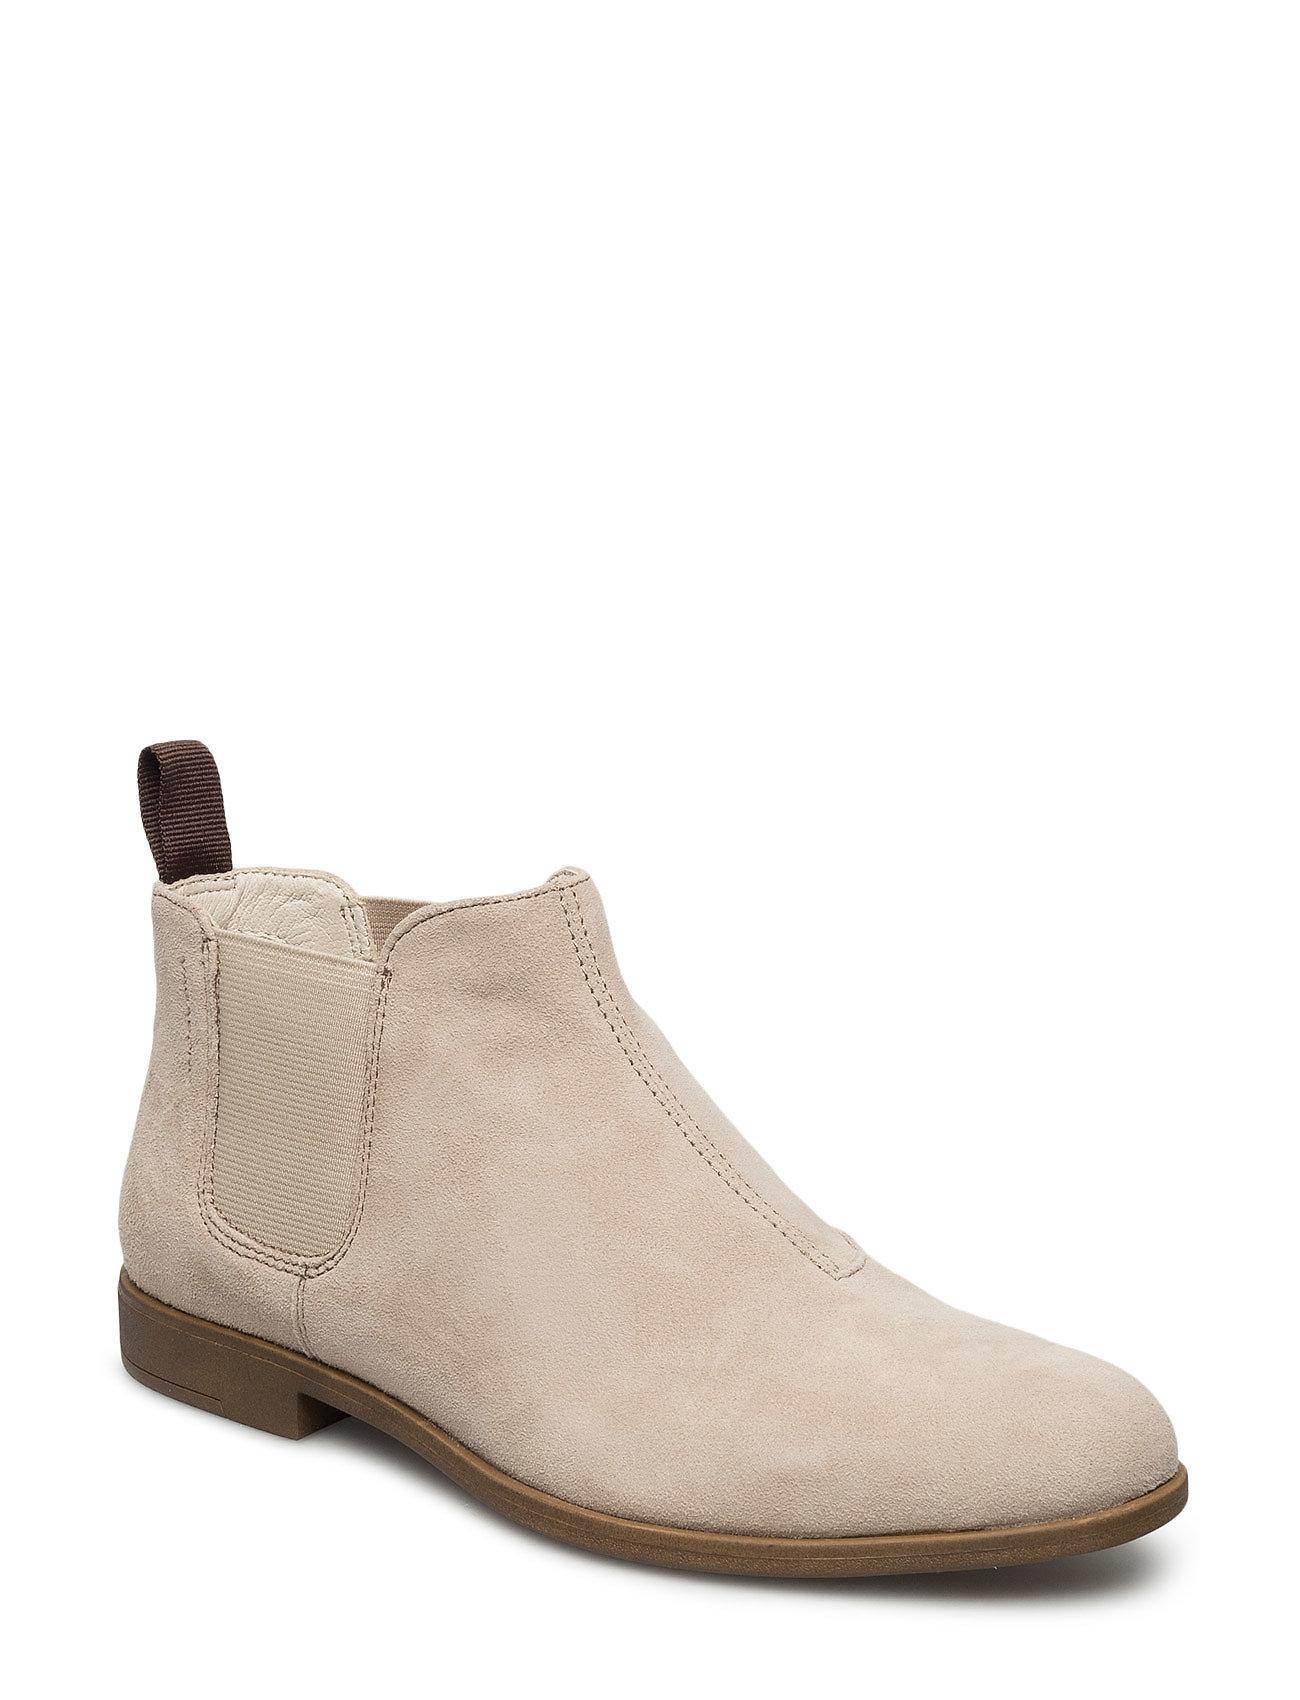 Tay VAGABOND Støvler til Damer i